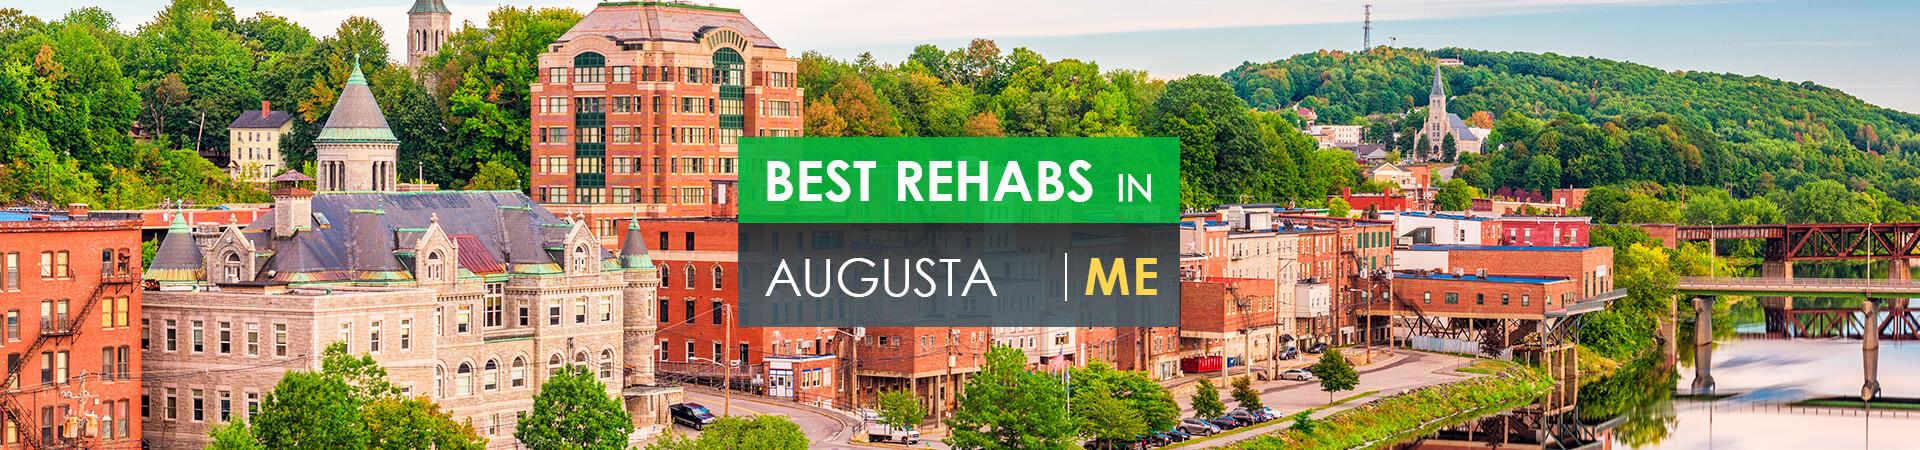 Best rehabs in Augusta, ME